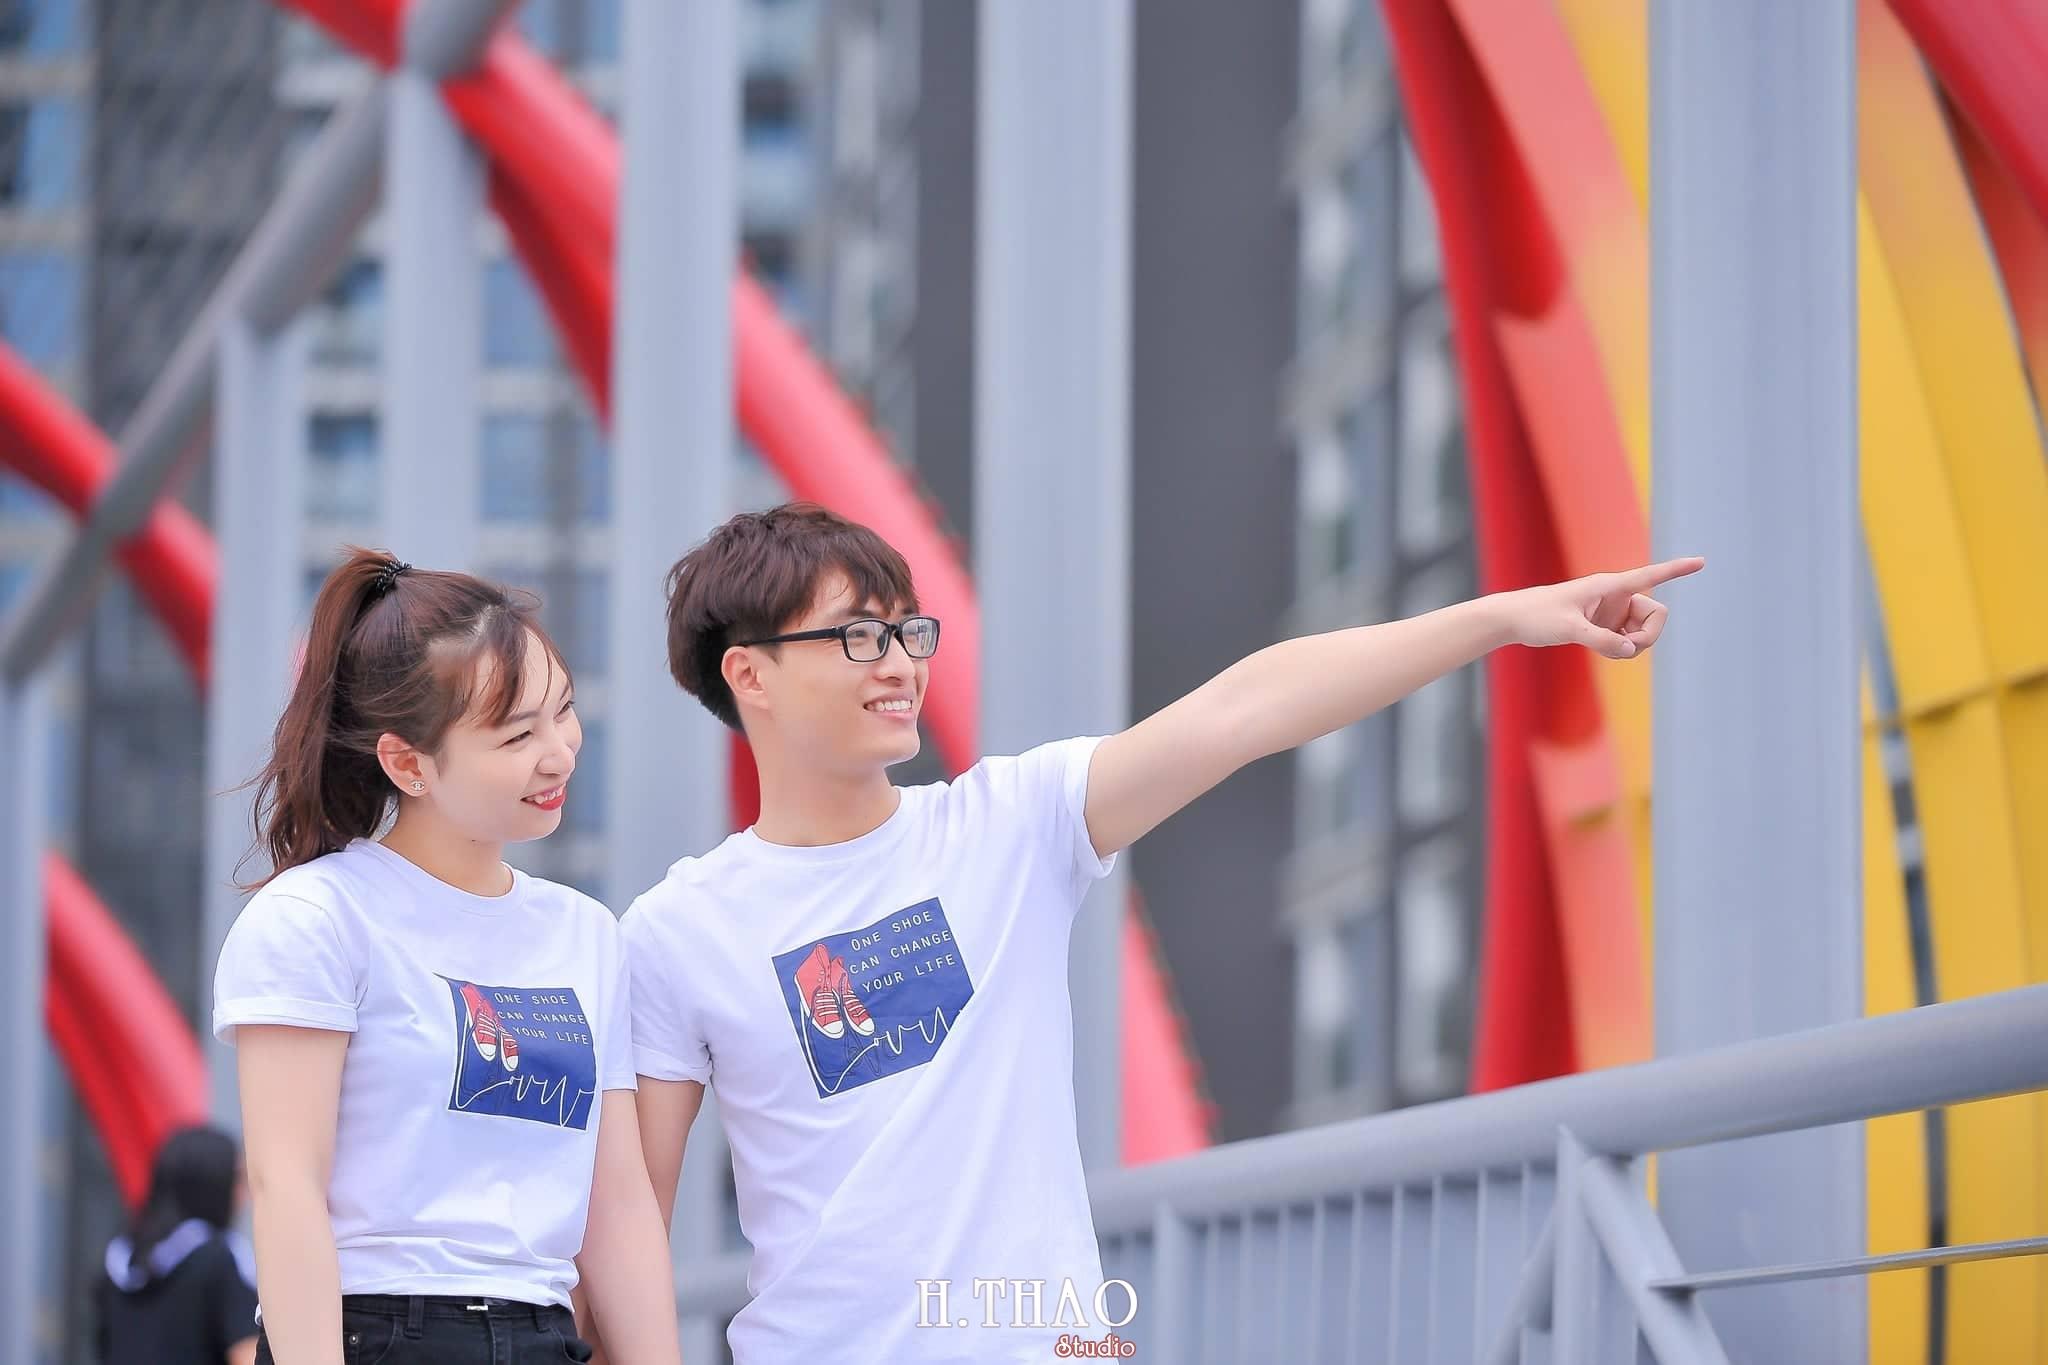 Anh couple sieu de thuong 2 - Chụp ảnh Couple dễ thương tại thành phố Hồ Chí Minh